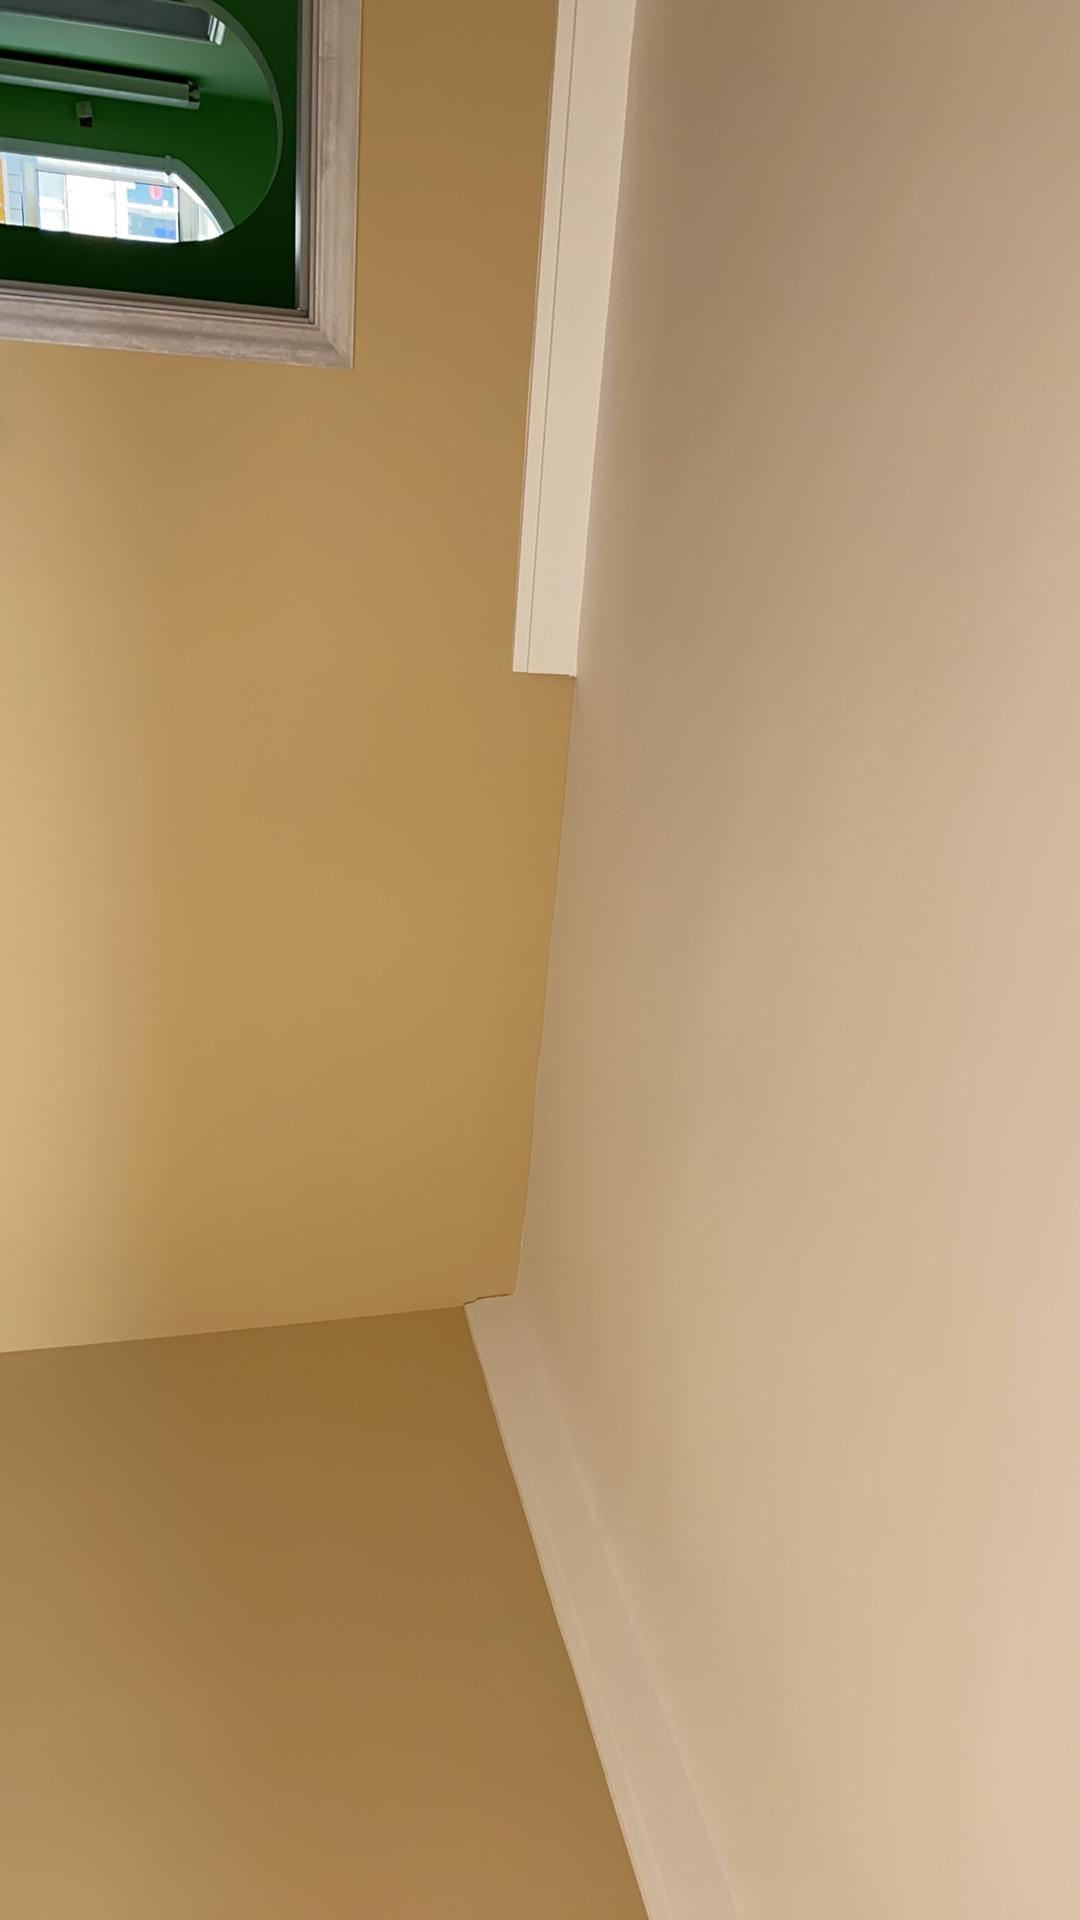 请问已经安装在墙上的石膏线如何切割,因为要放大衣柜,尺寸不对,请大神指点🙏